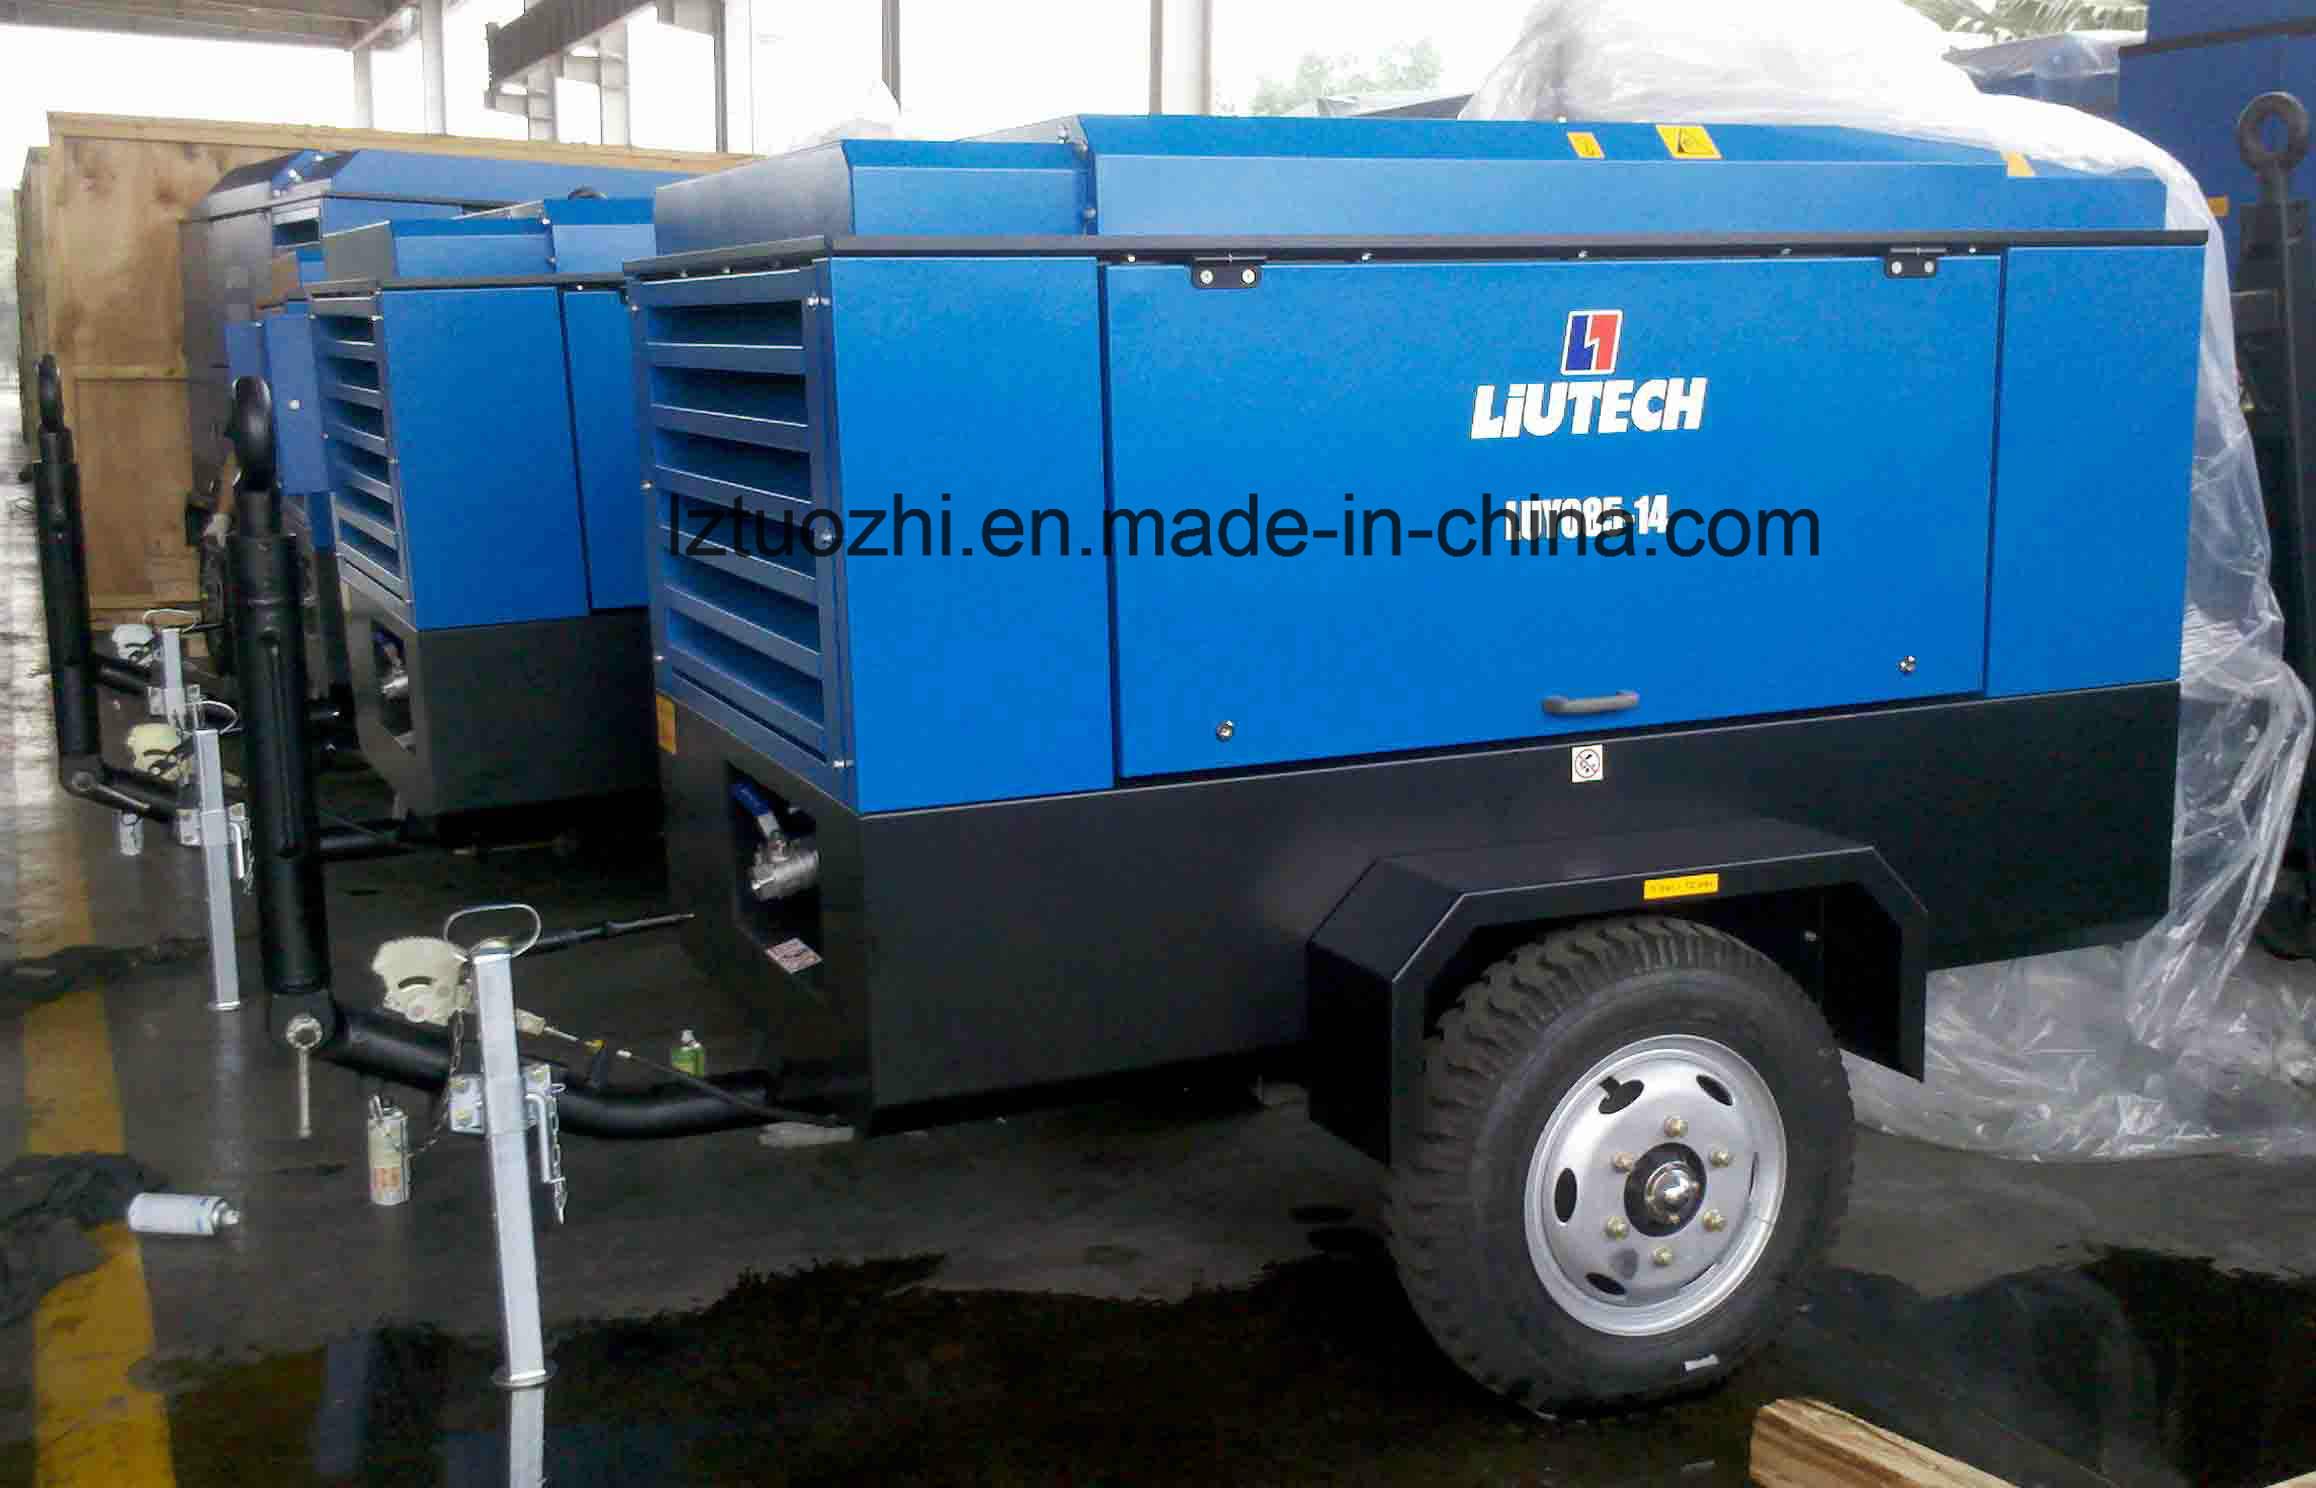 Atlas Copco Liutech 424cfm 7bar Portable Diesel Screw Air Compressor